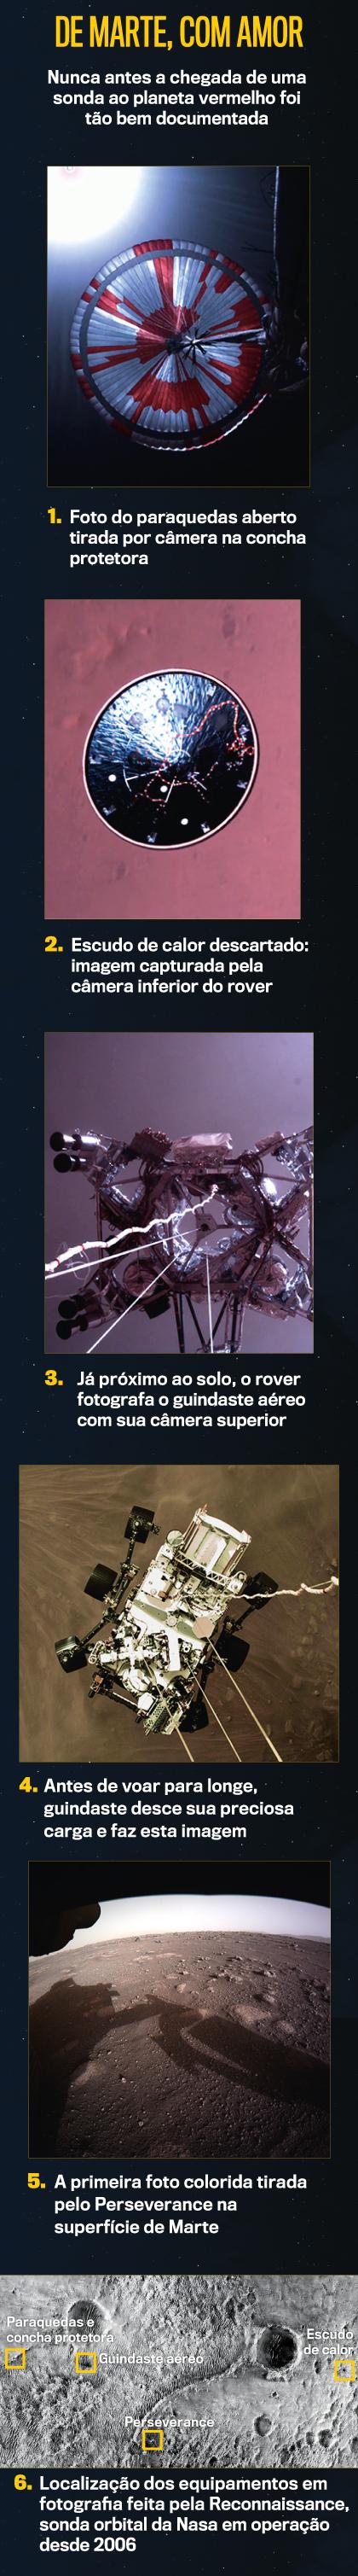 arte Marte 2